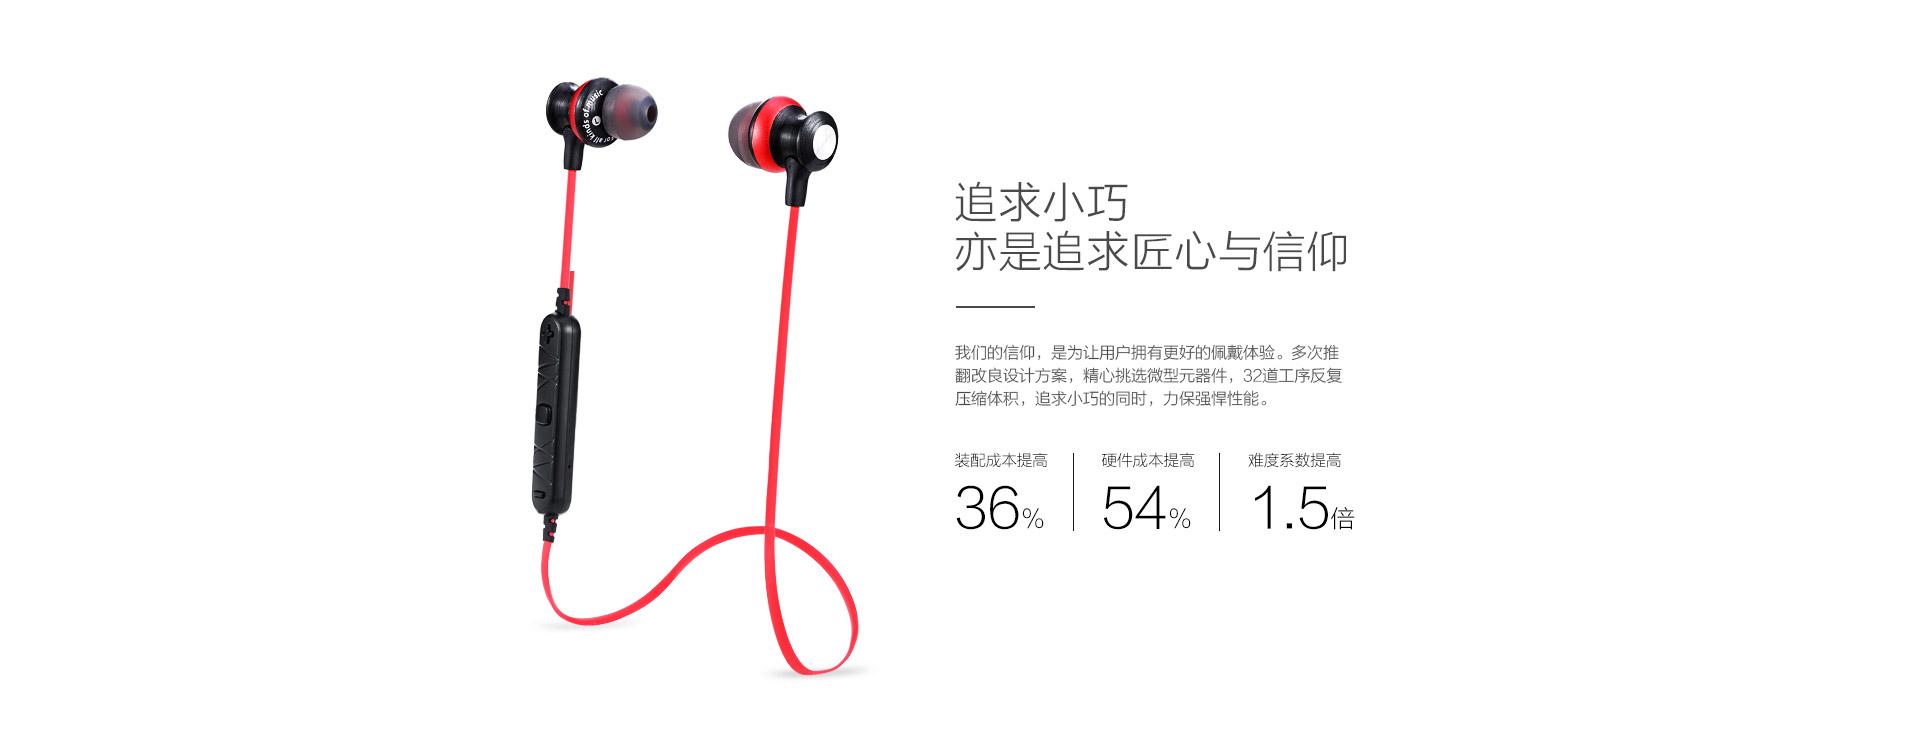 追求小巧-智能运动蓝牙耳机